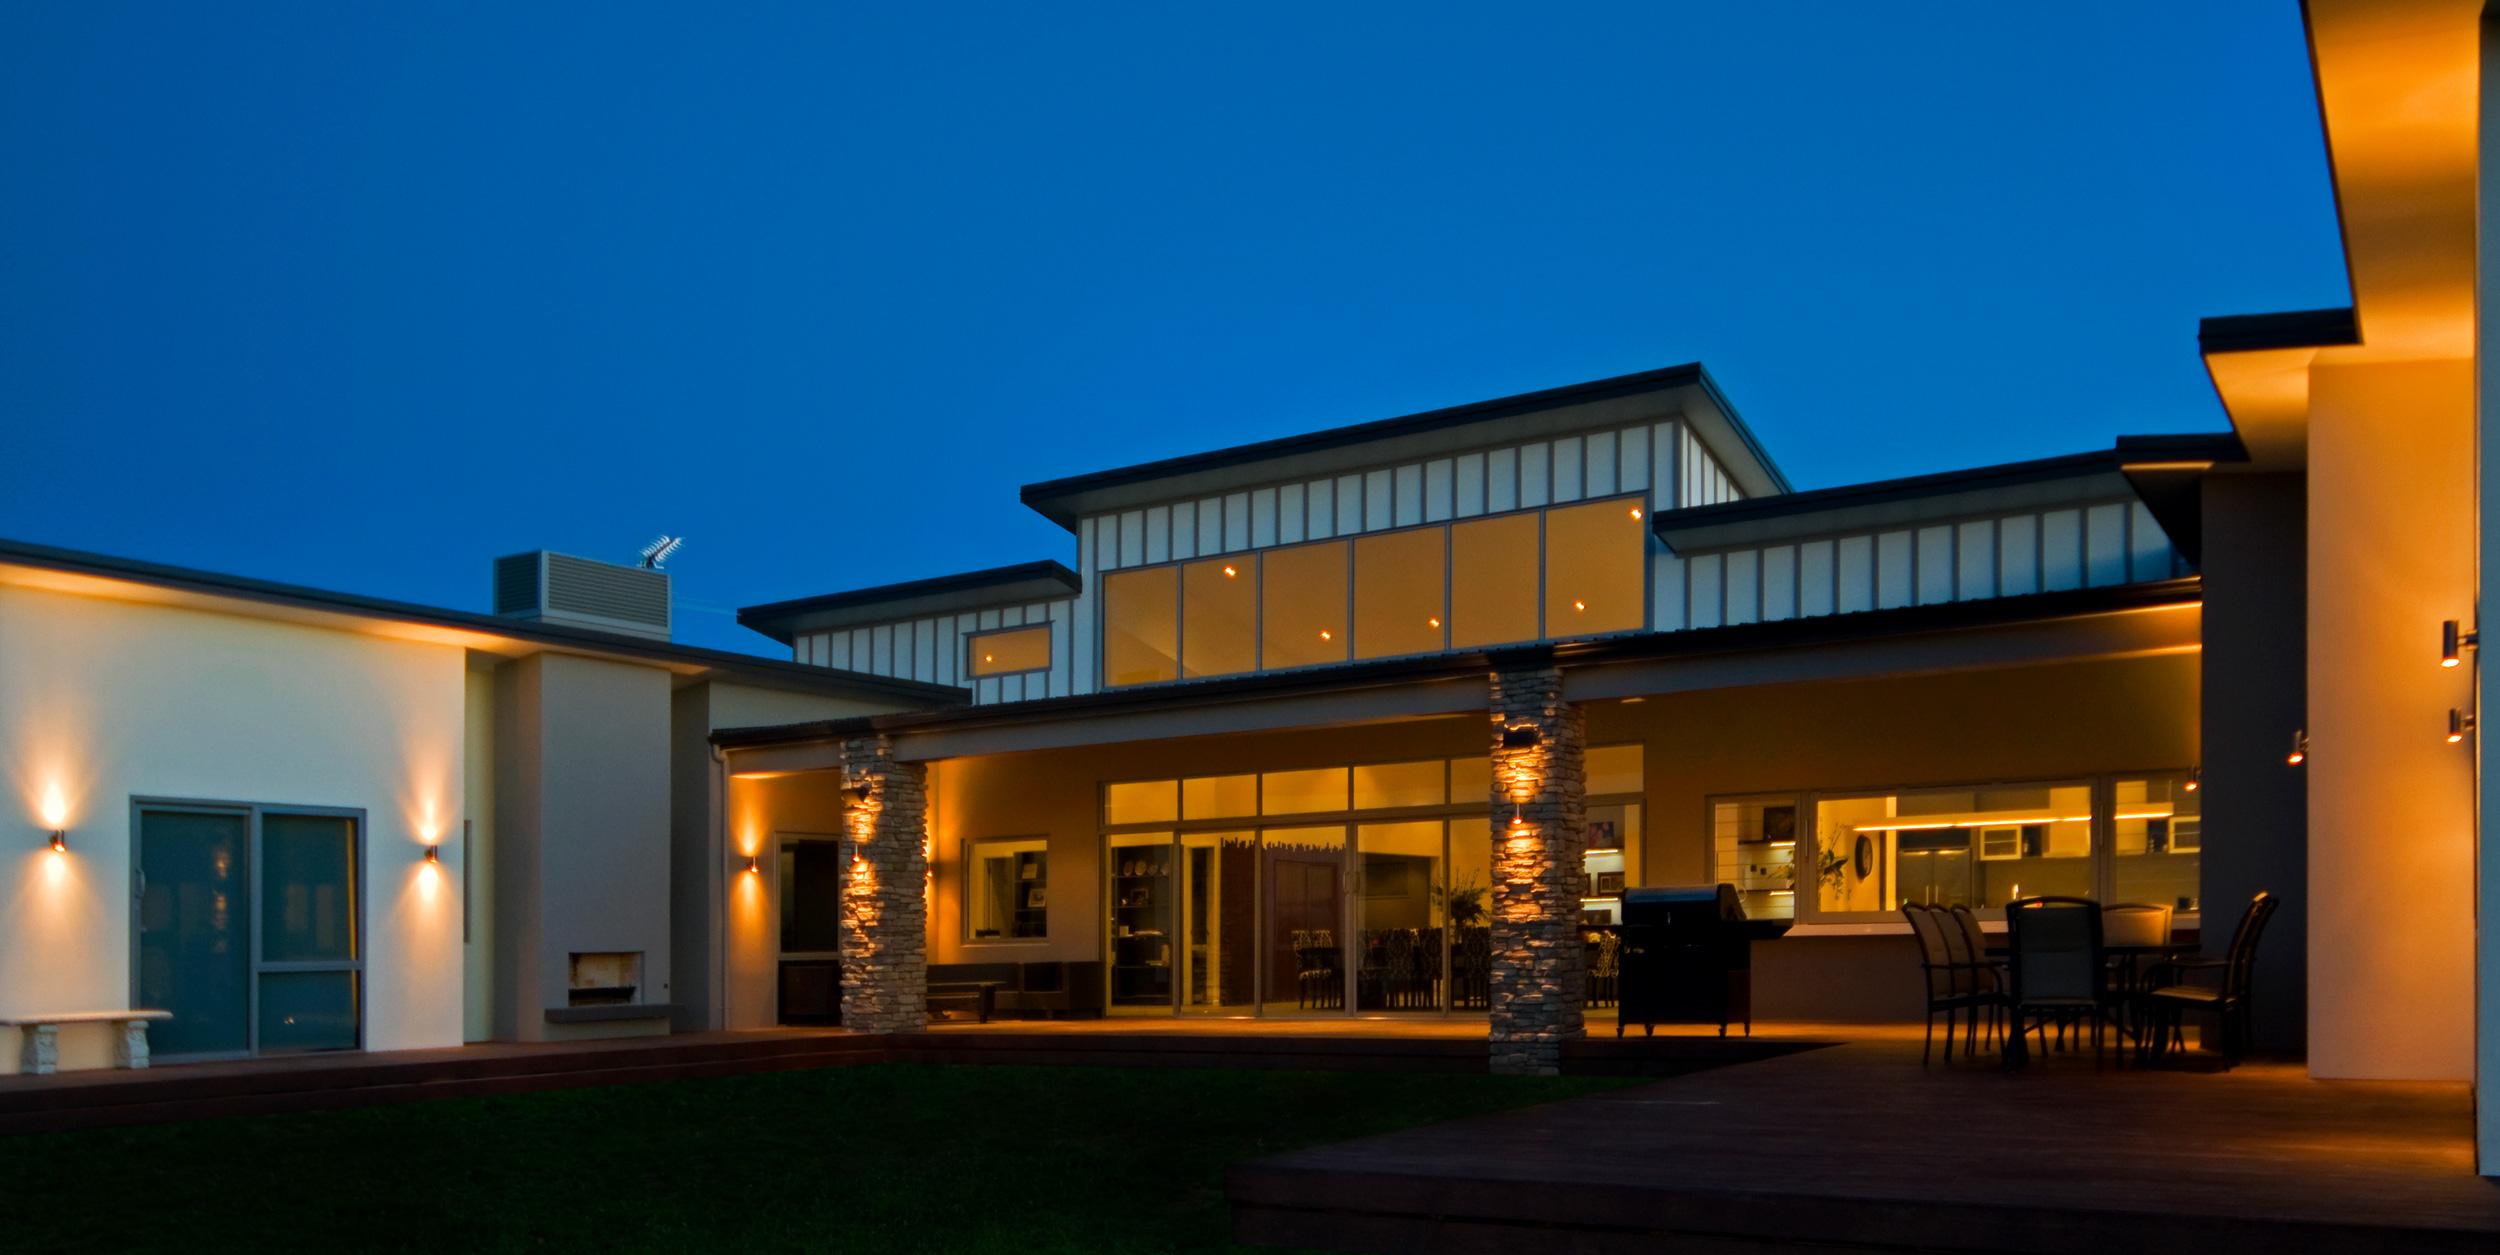 haven-builder-residential-cossey-8.JPG